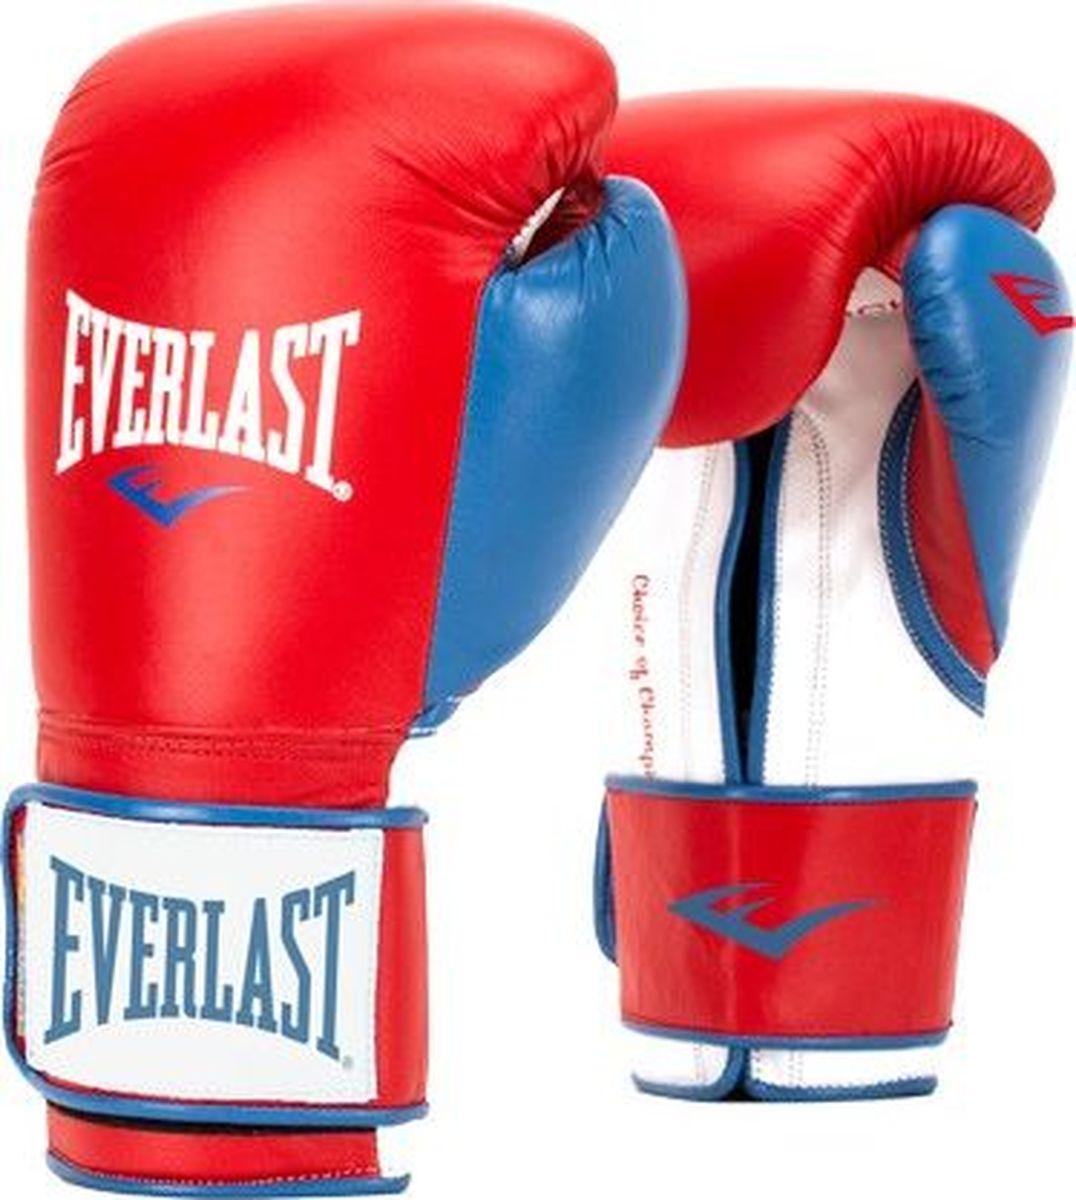 Боксерские перчатки Everlast Powerlock, тренировочные, P00000729-10, красный, синий, вес 10 унций